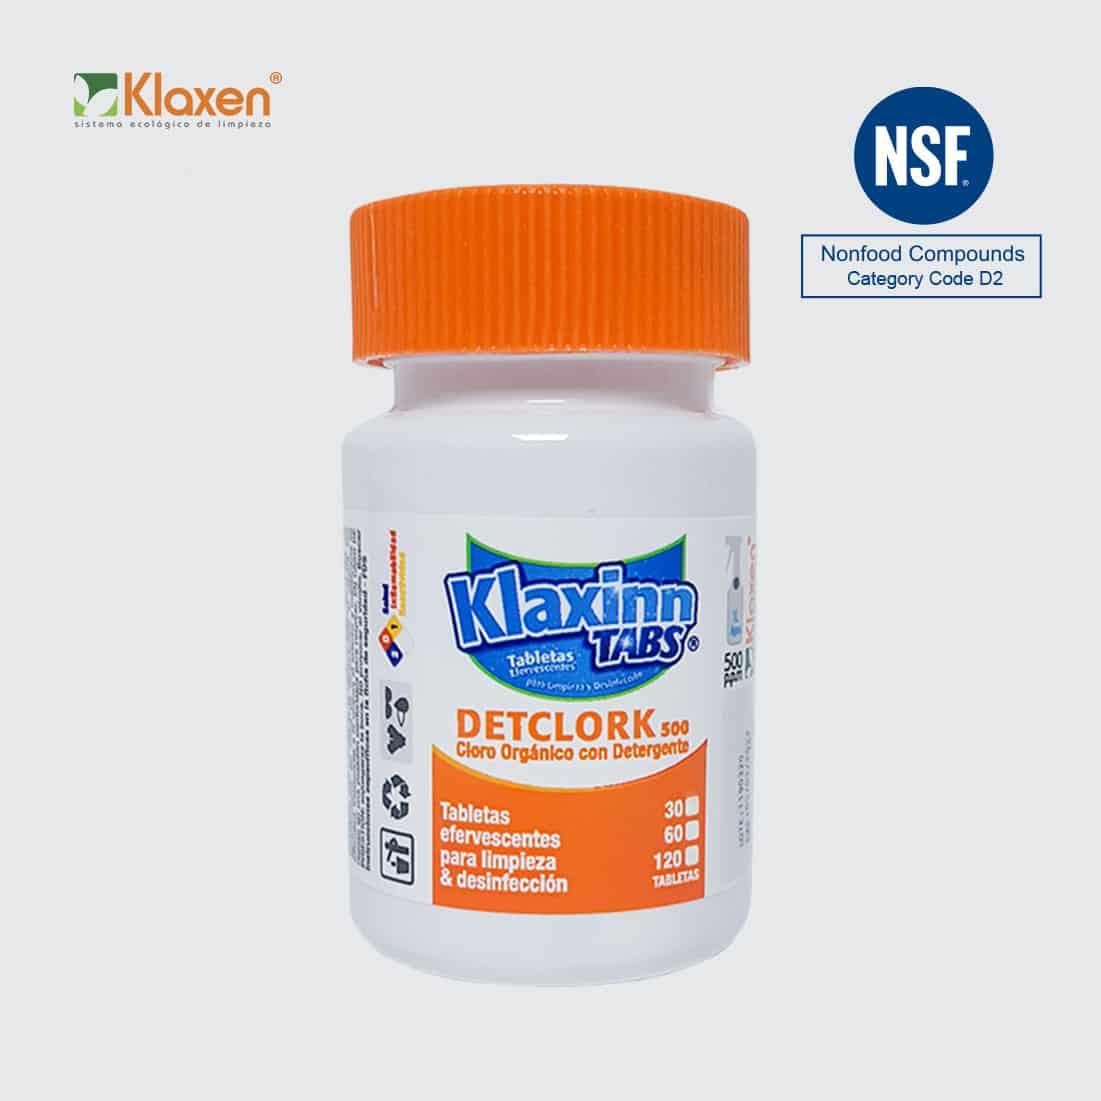 Tabletas de Cloro Orgánico Klaxinn Tabs